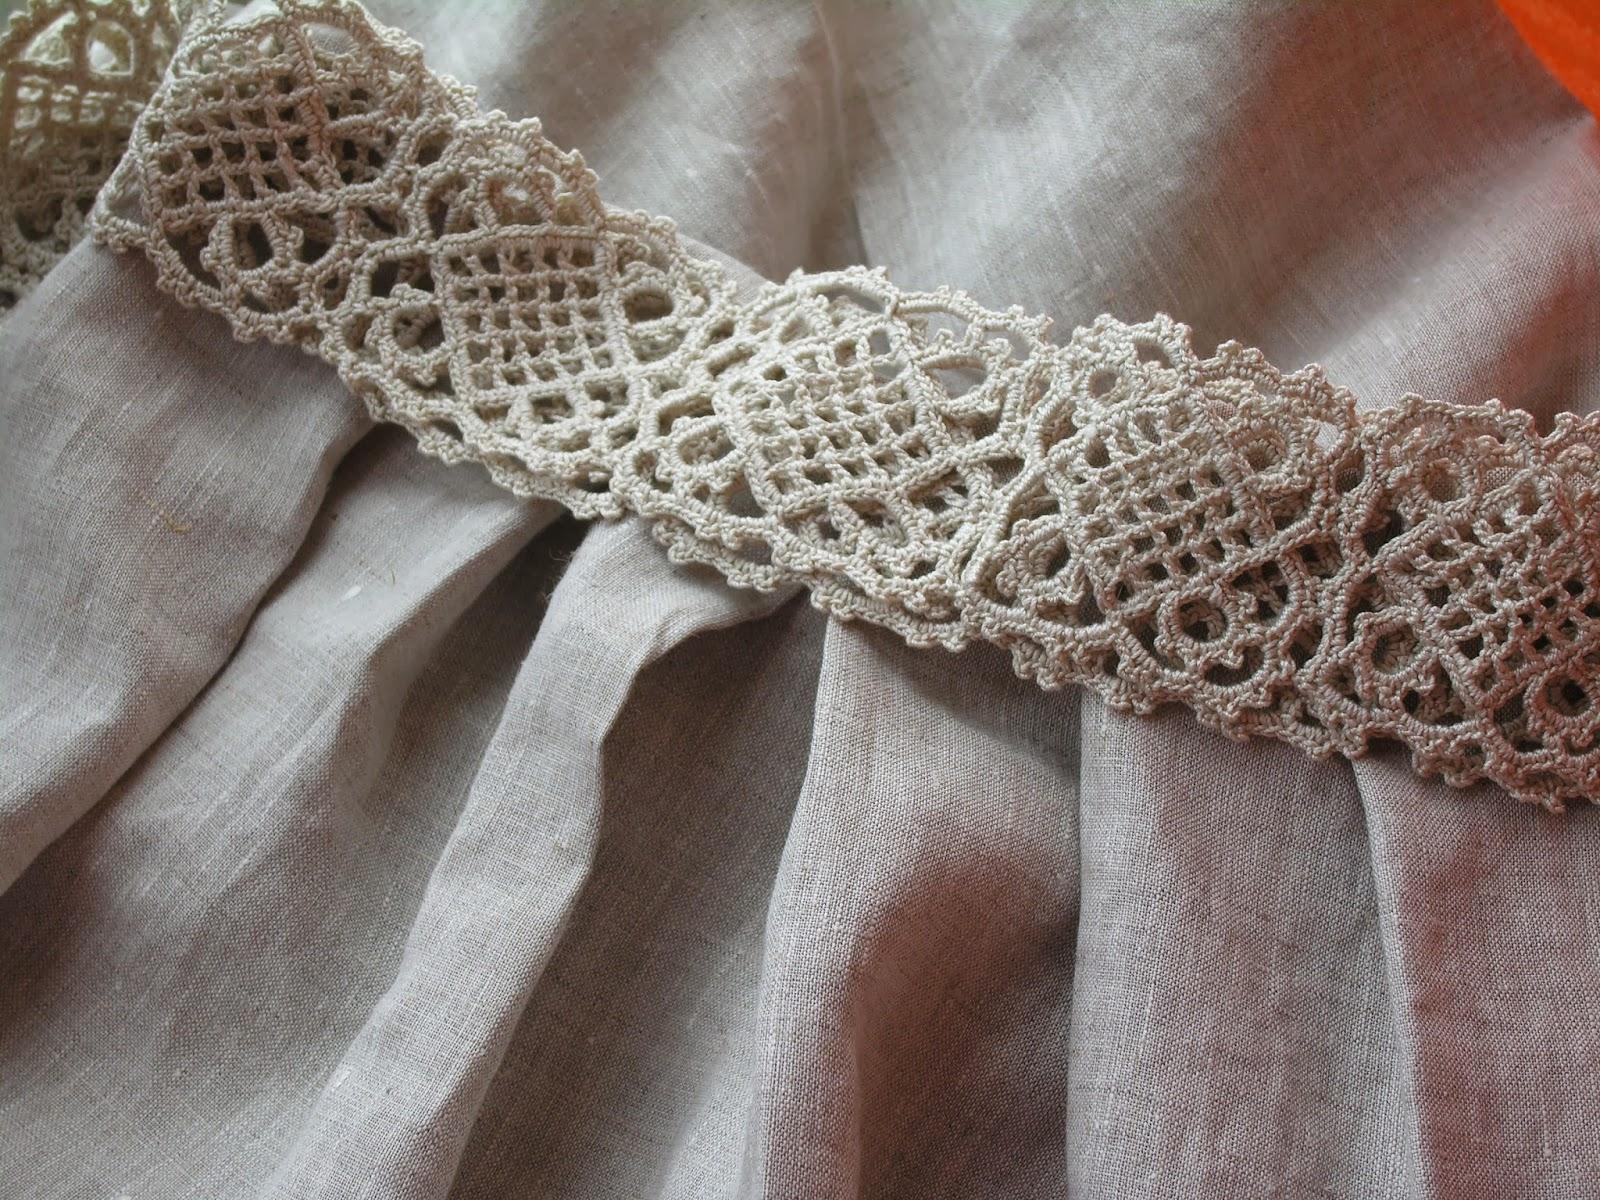 Crochet handmade aplicaciones en crochet handmade - Aplicaciones a ganchillo ...